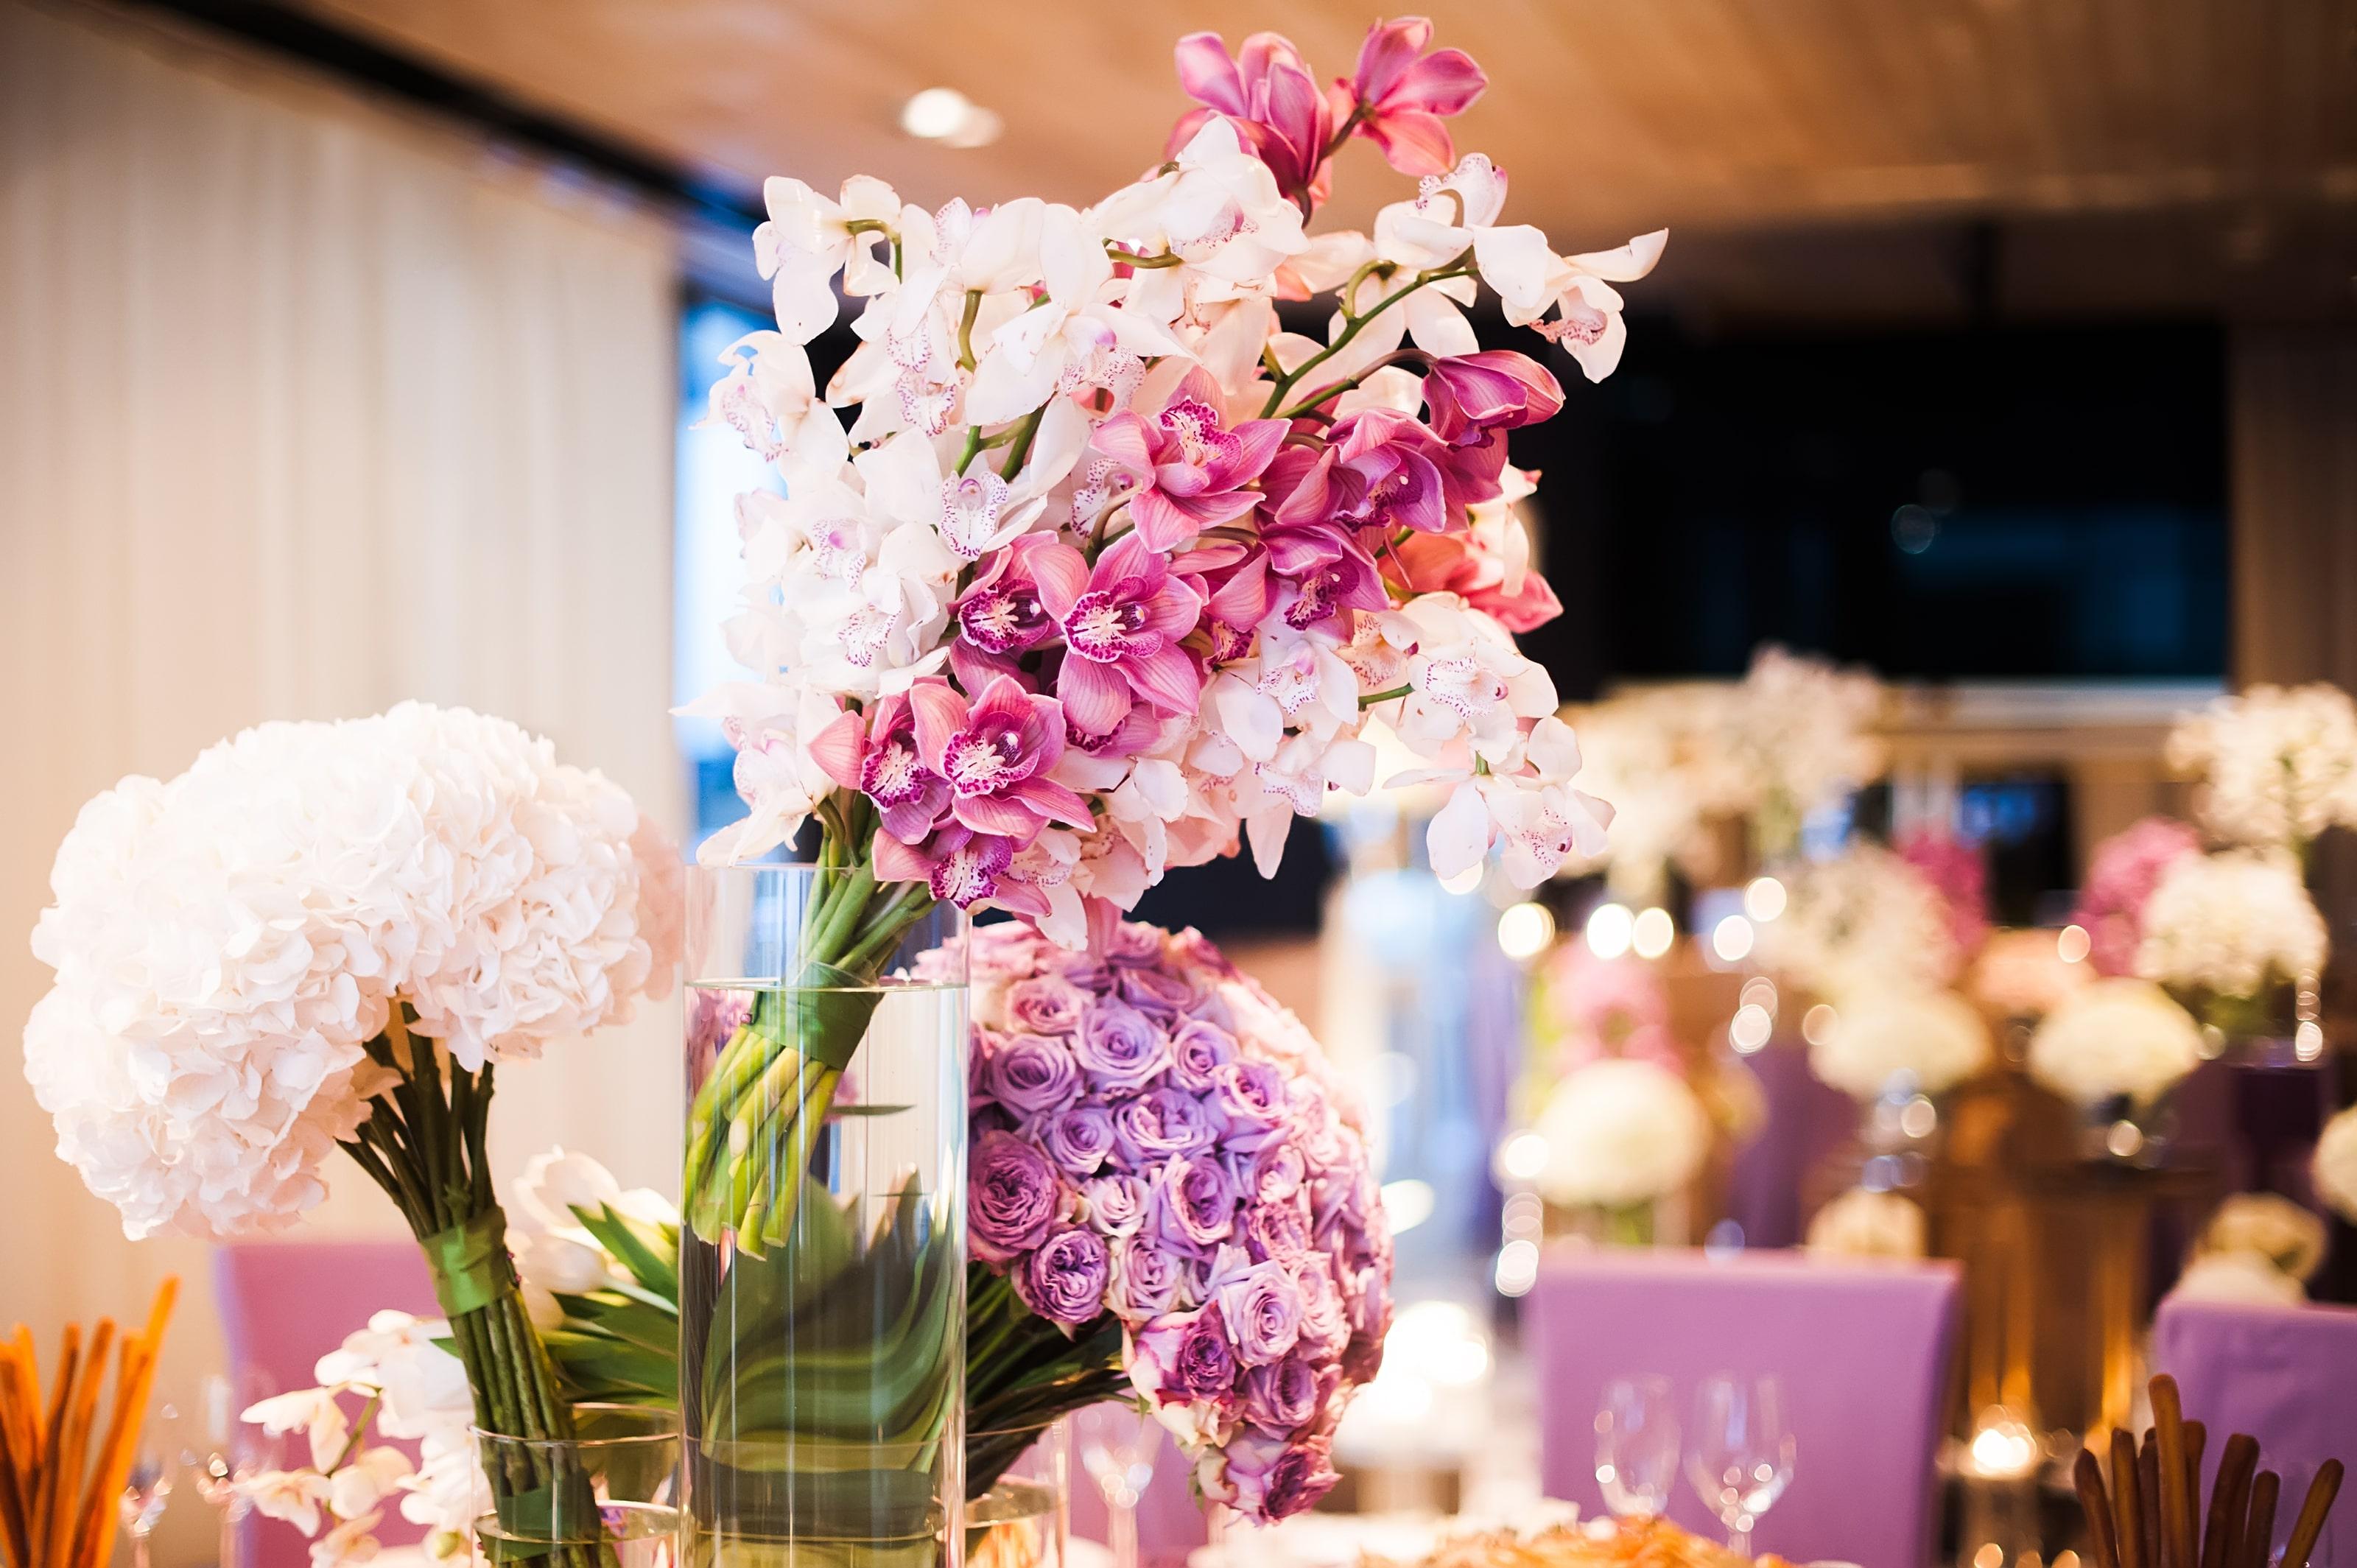 花瓶の胡蝶蘭